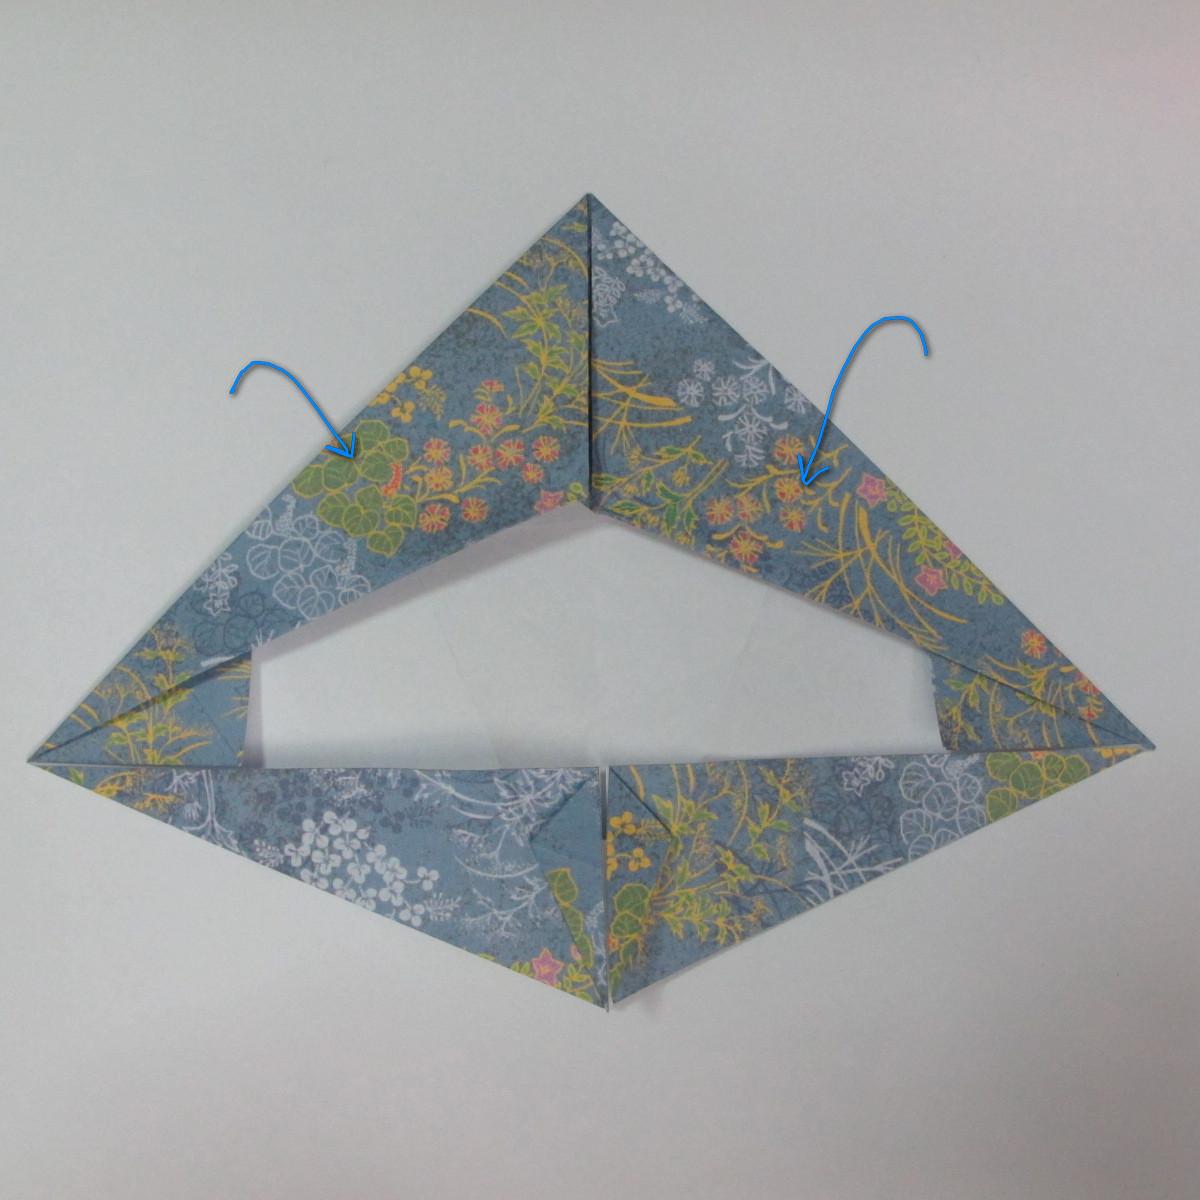 วิธีการพับกระดาษเป็นรูปม้า (Origami Horse) 029